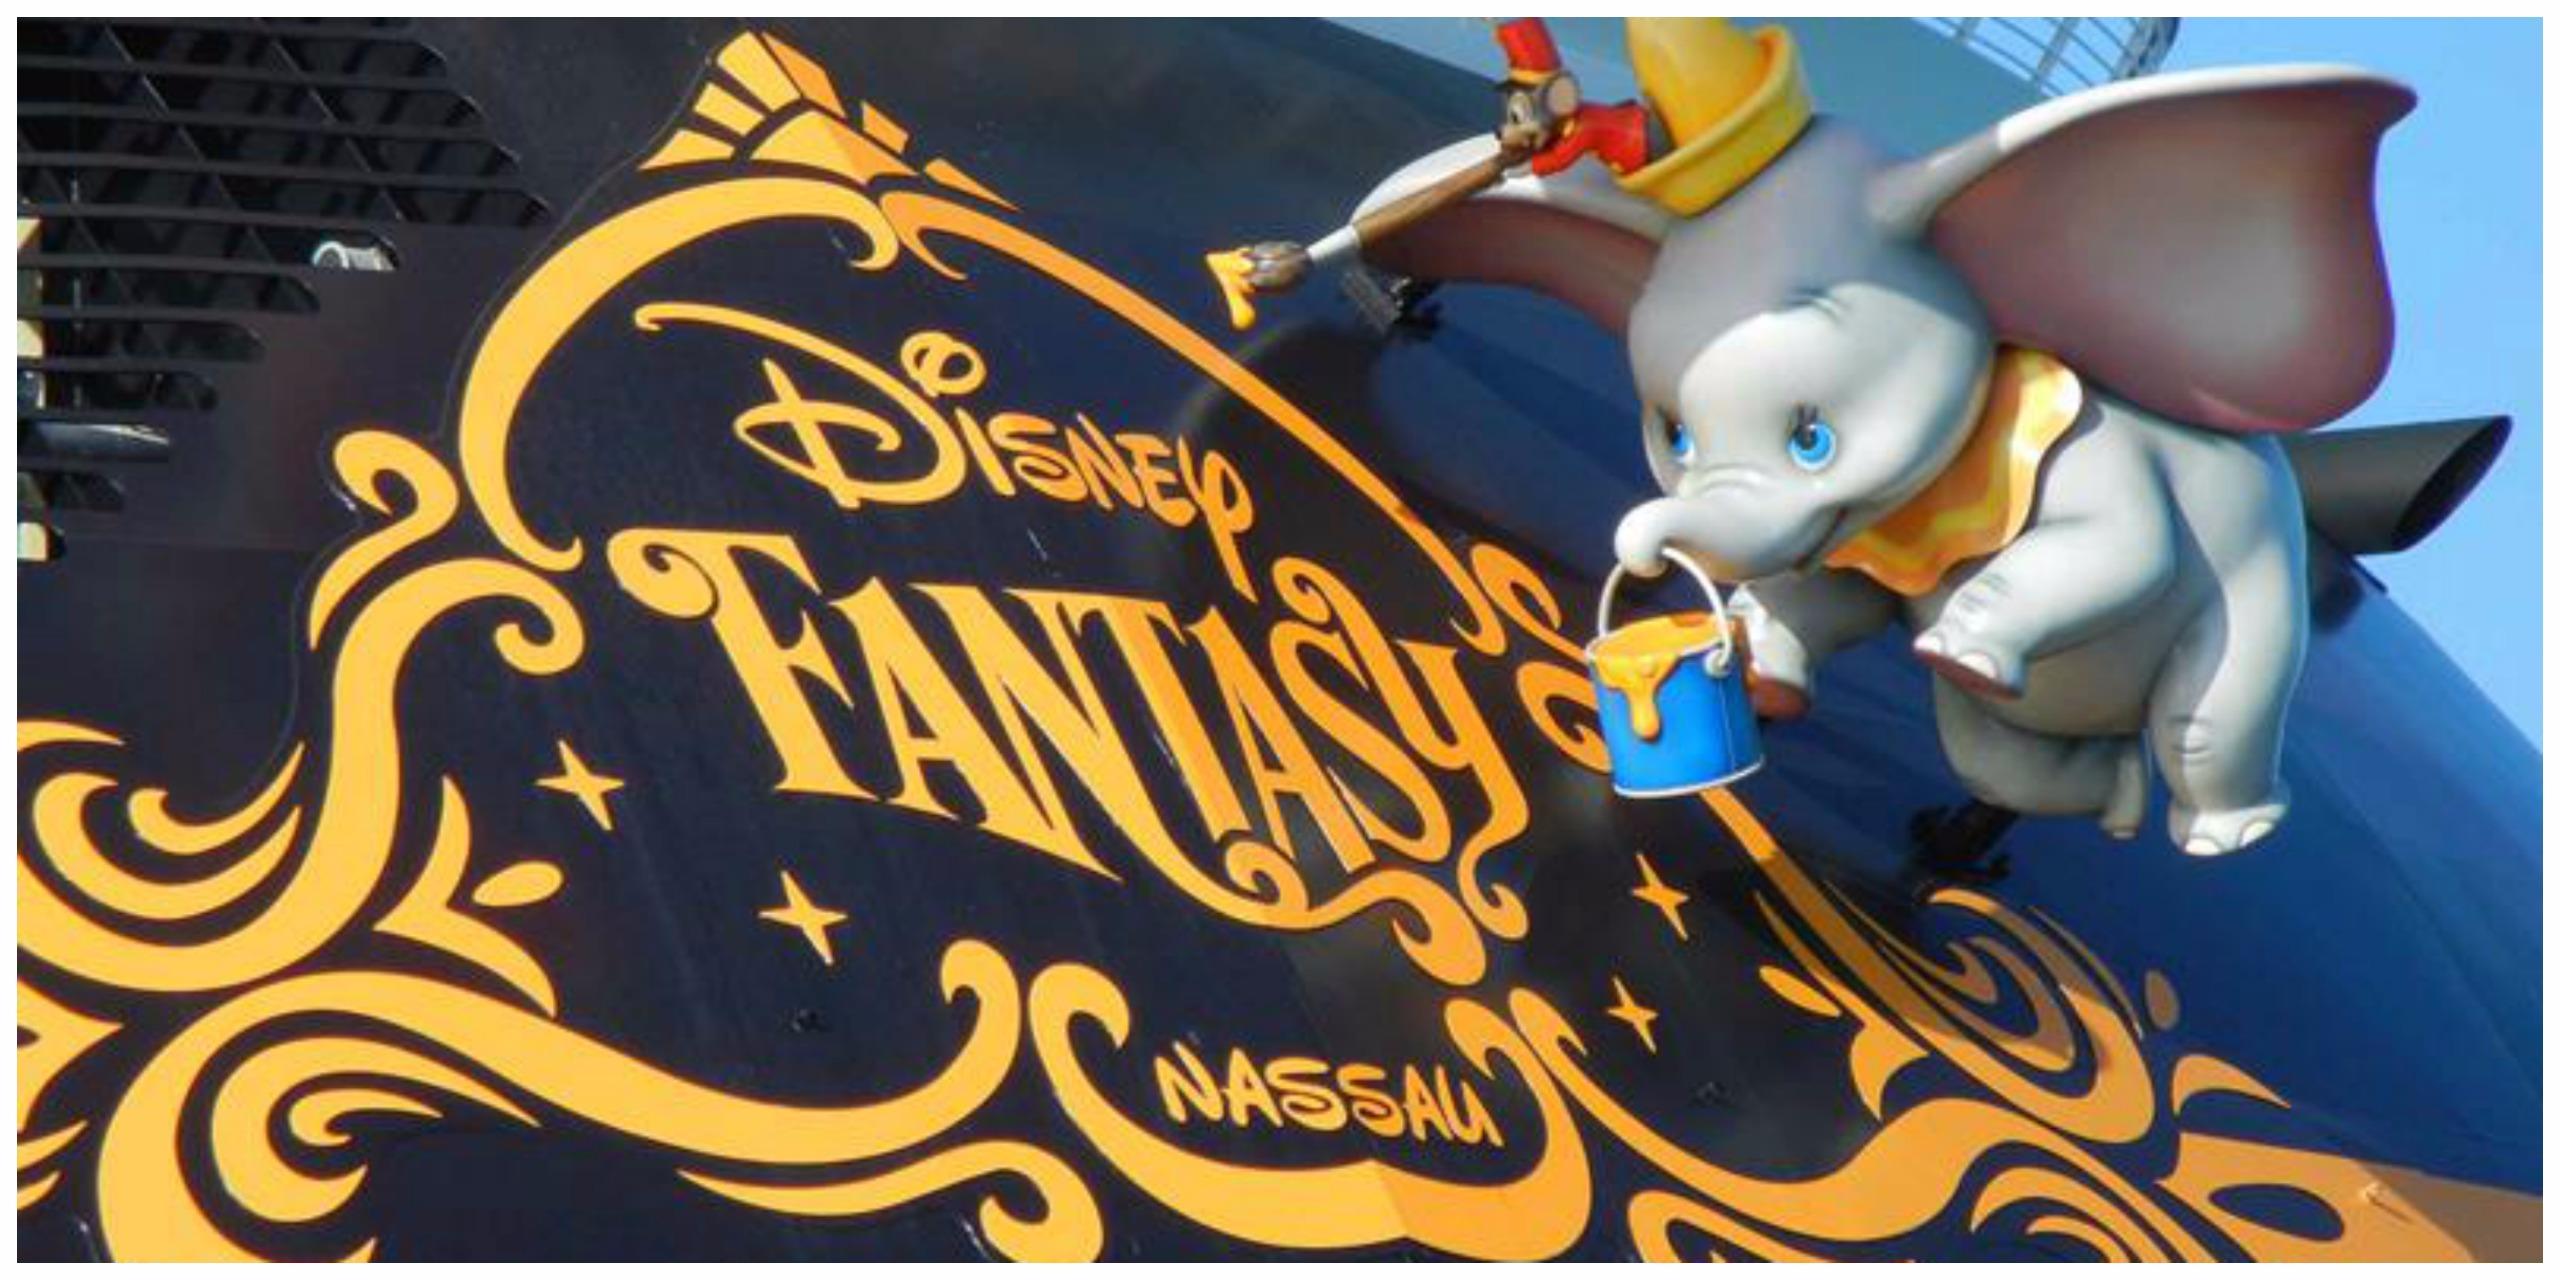 搭乘一次就會上癮的夢幻迪斯尼游輪怎么選?小編吐血整理:Disney Cruise全攻略